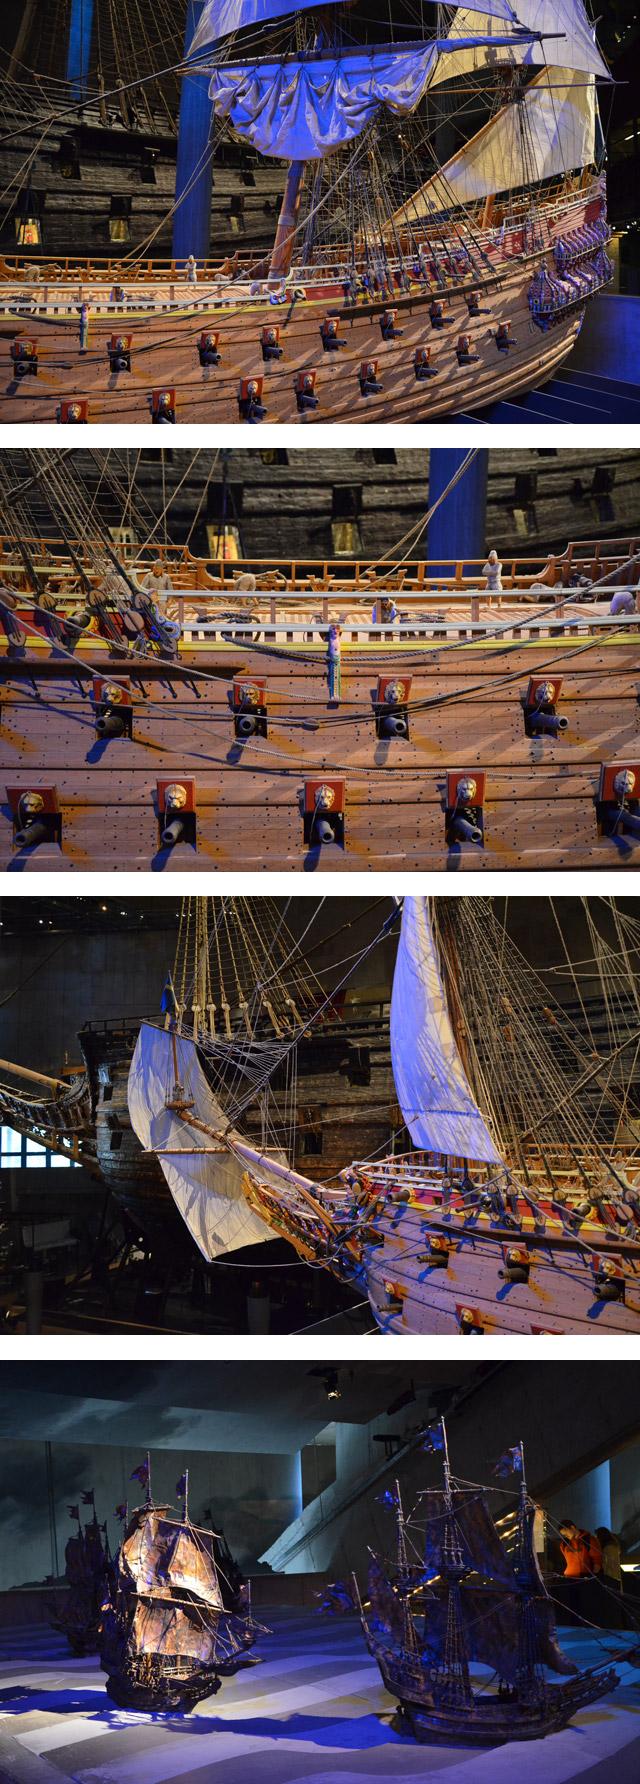 Miniature du Vasa - Musée Vasa